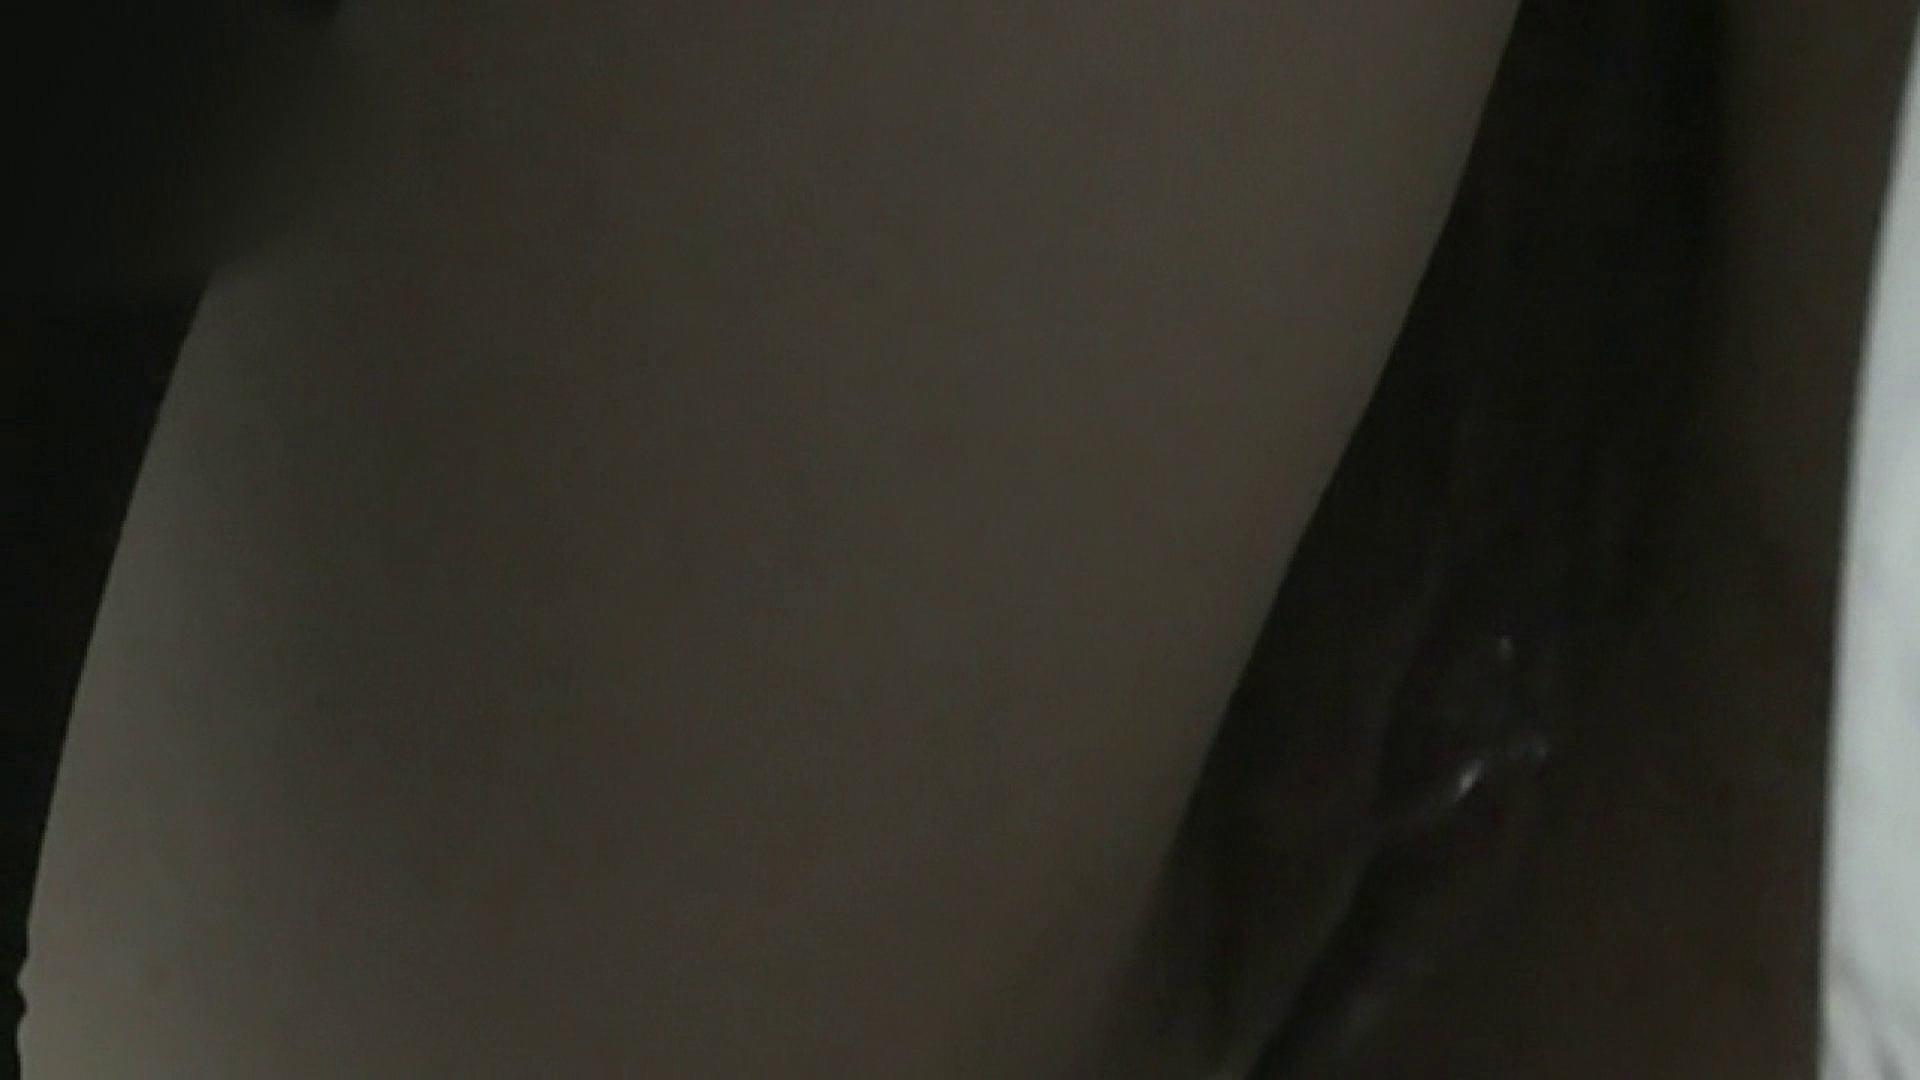 ロックハンドさんの盗撮記録File.77 厠隠し撮り  86pic 48